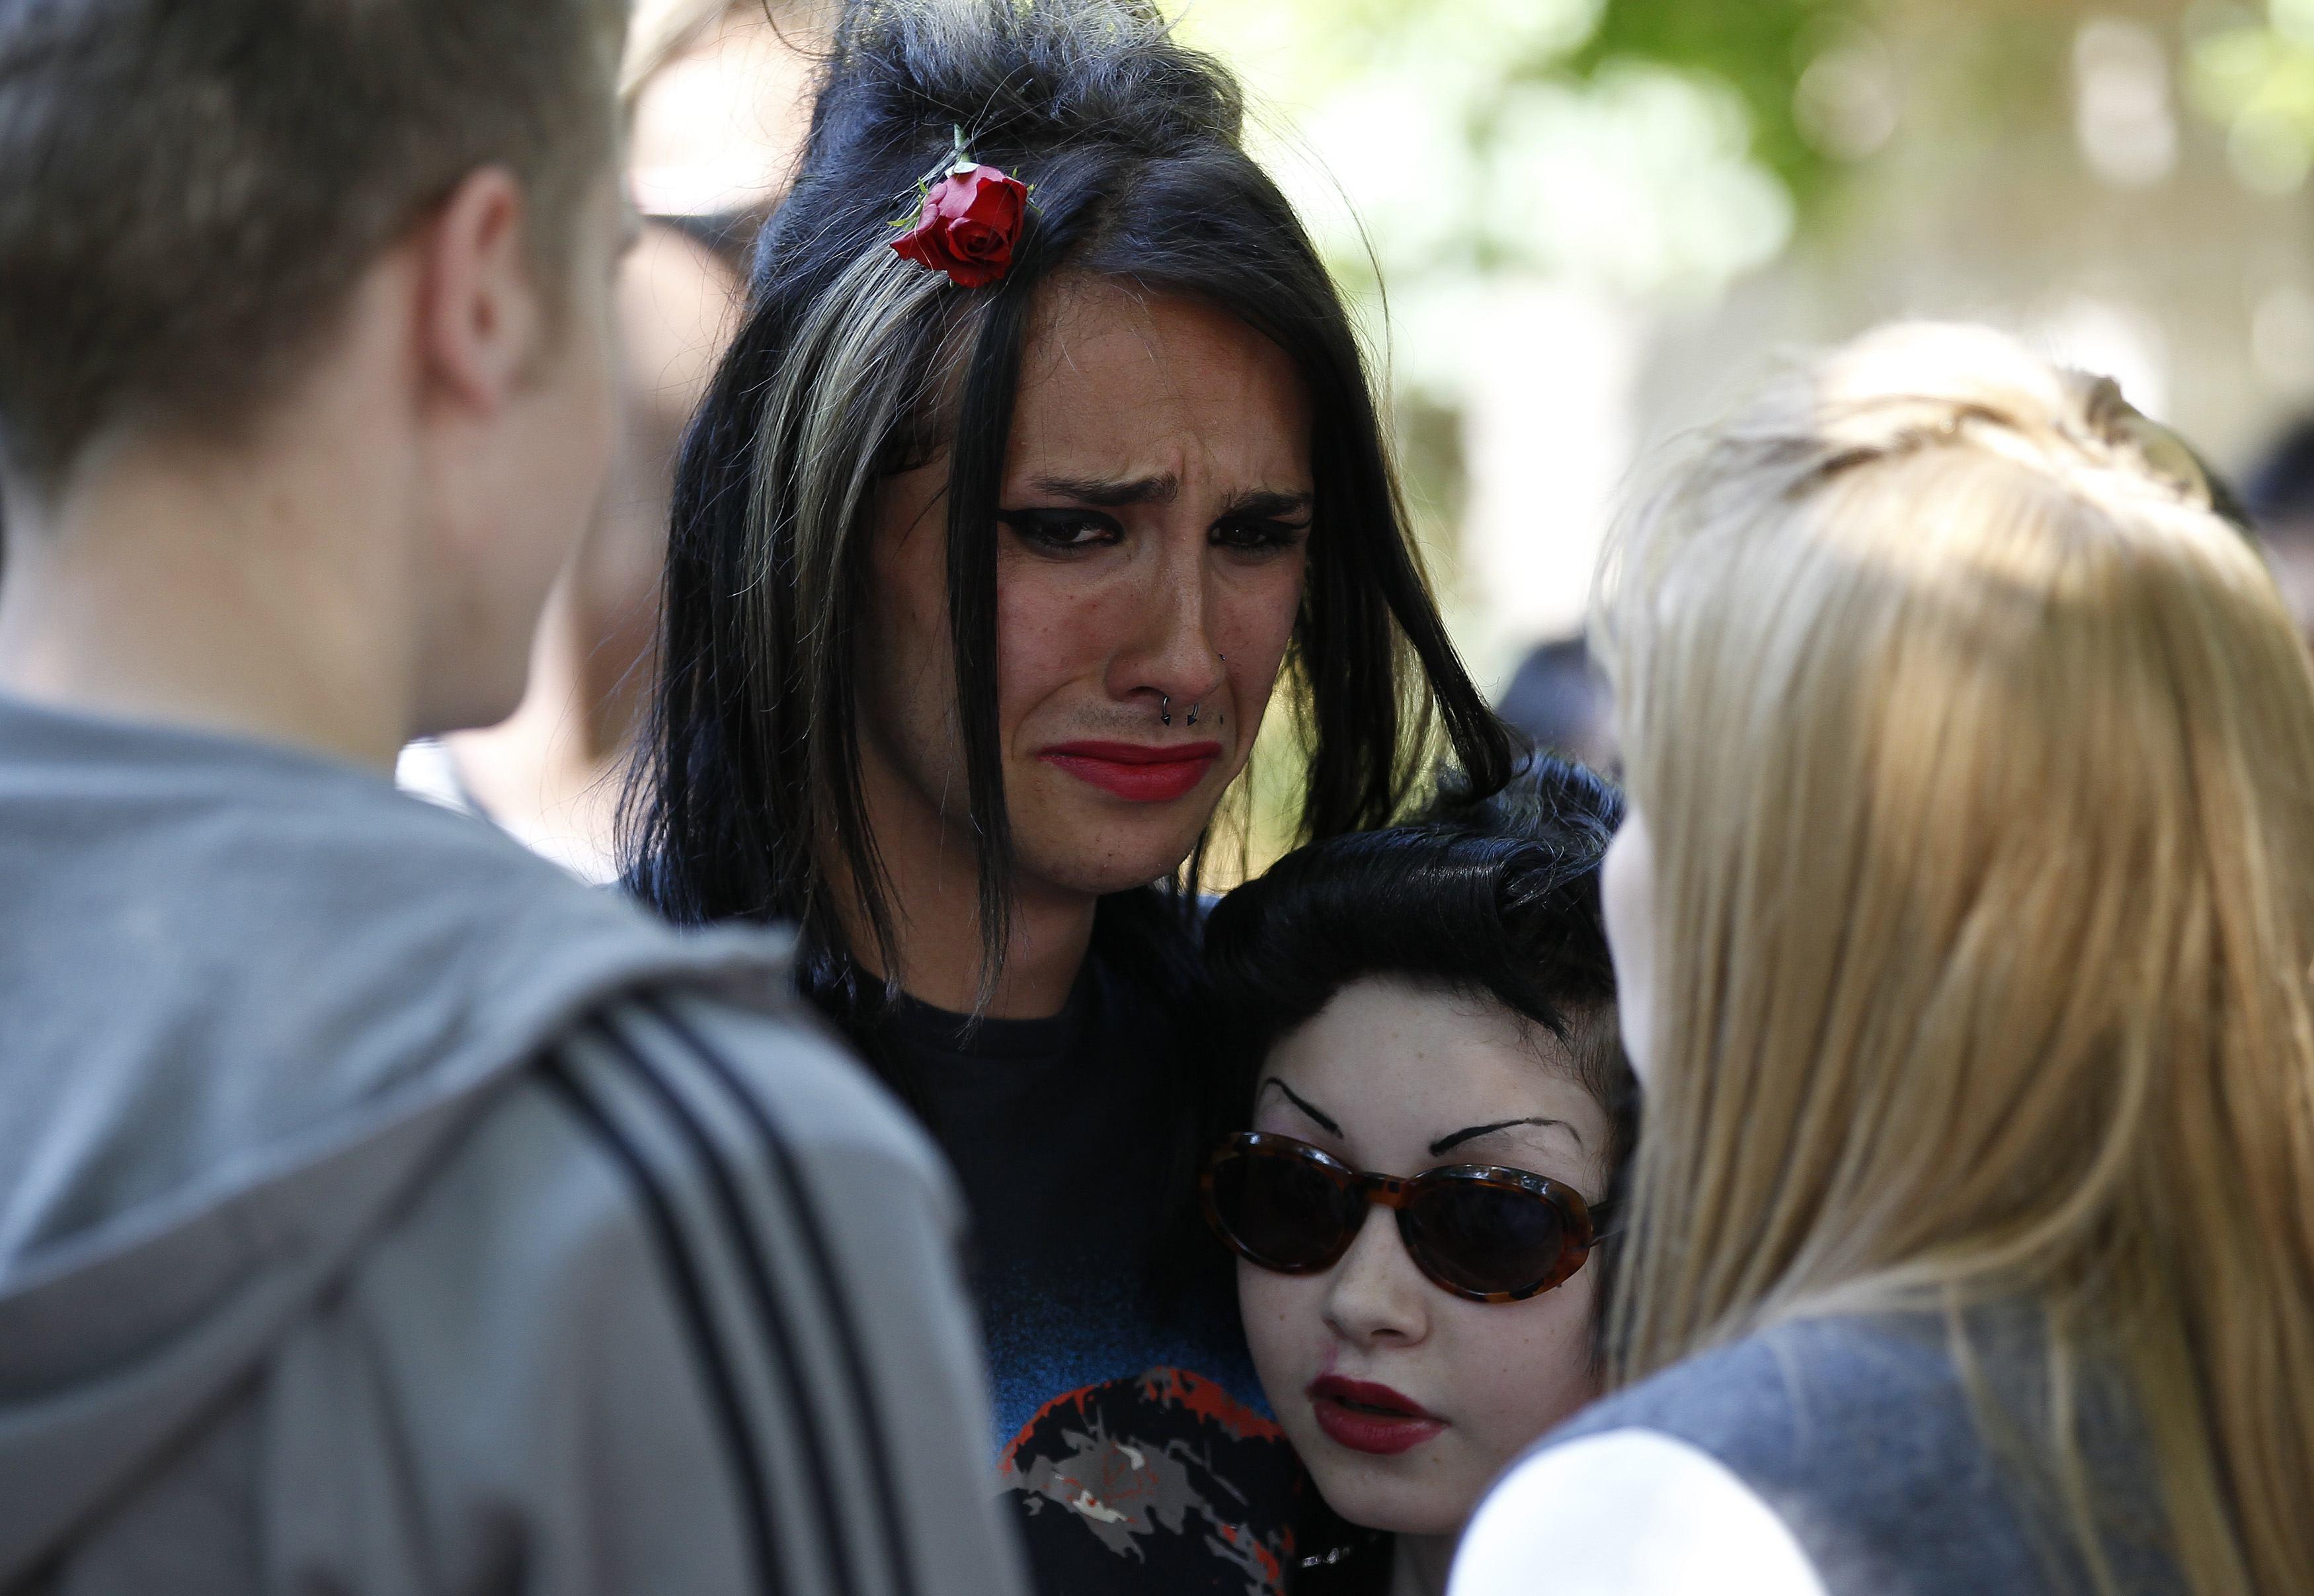 Os fãs reunidos, em comoção, do fora da casa de Amy Winehouse após sua morte, em 2011